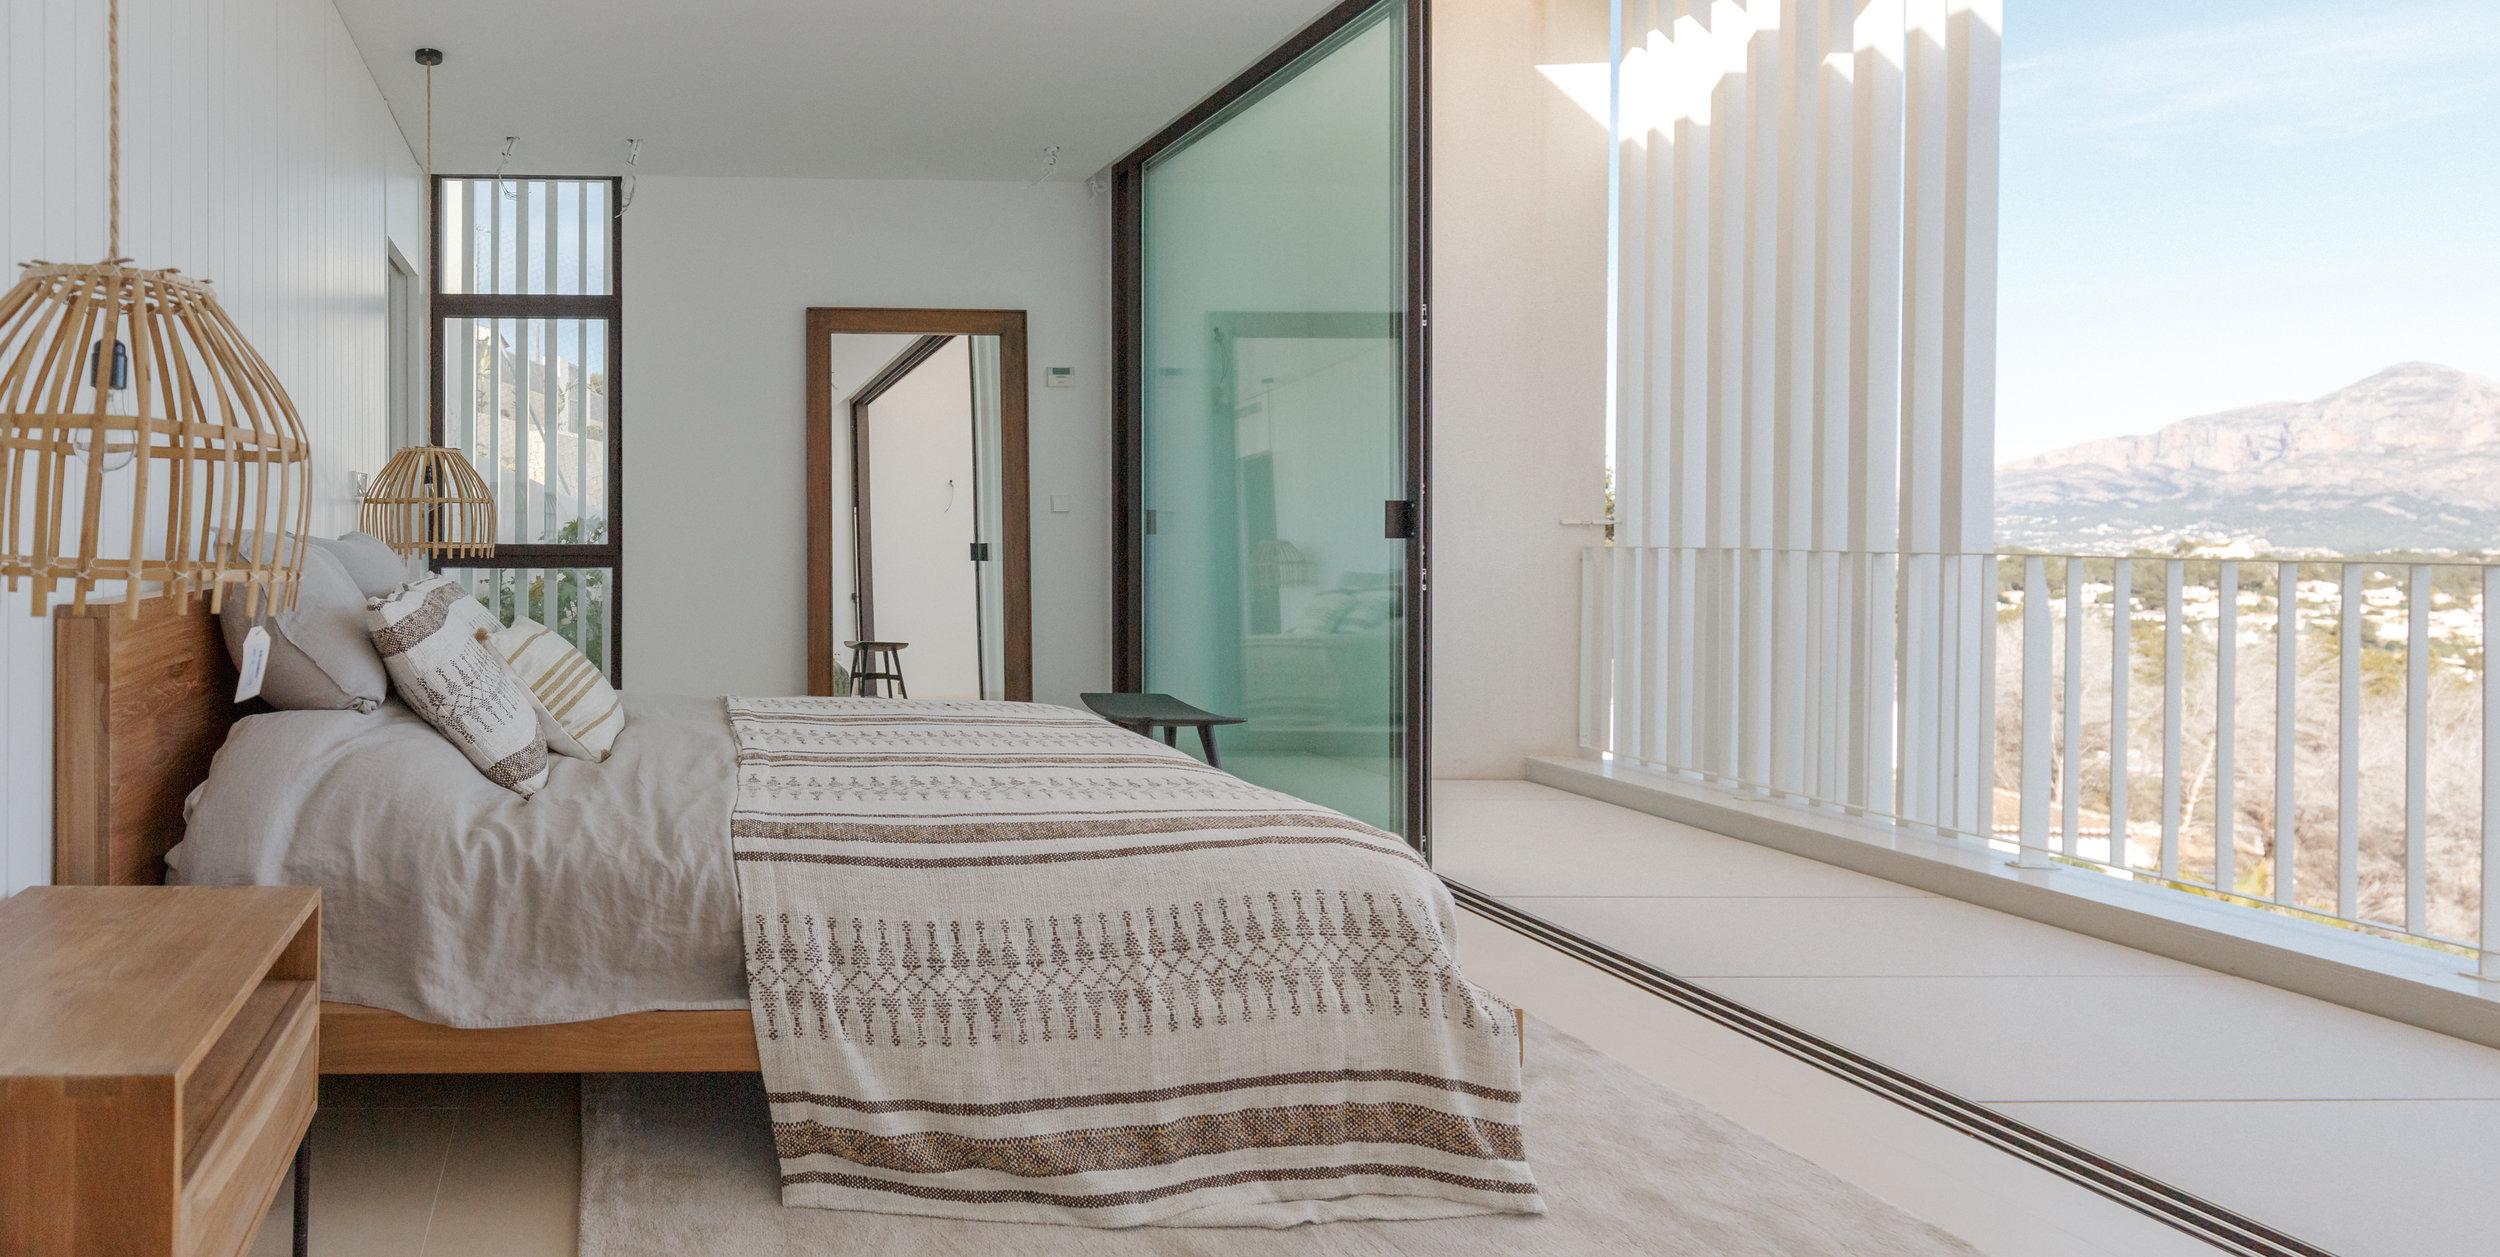 2019-03-07 Casa Sorolla (Jessica Bataille) CSJB0007 - Gonzalo Moreno.jpg